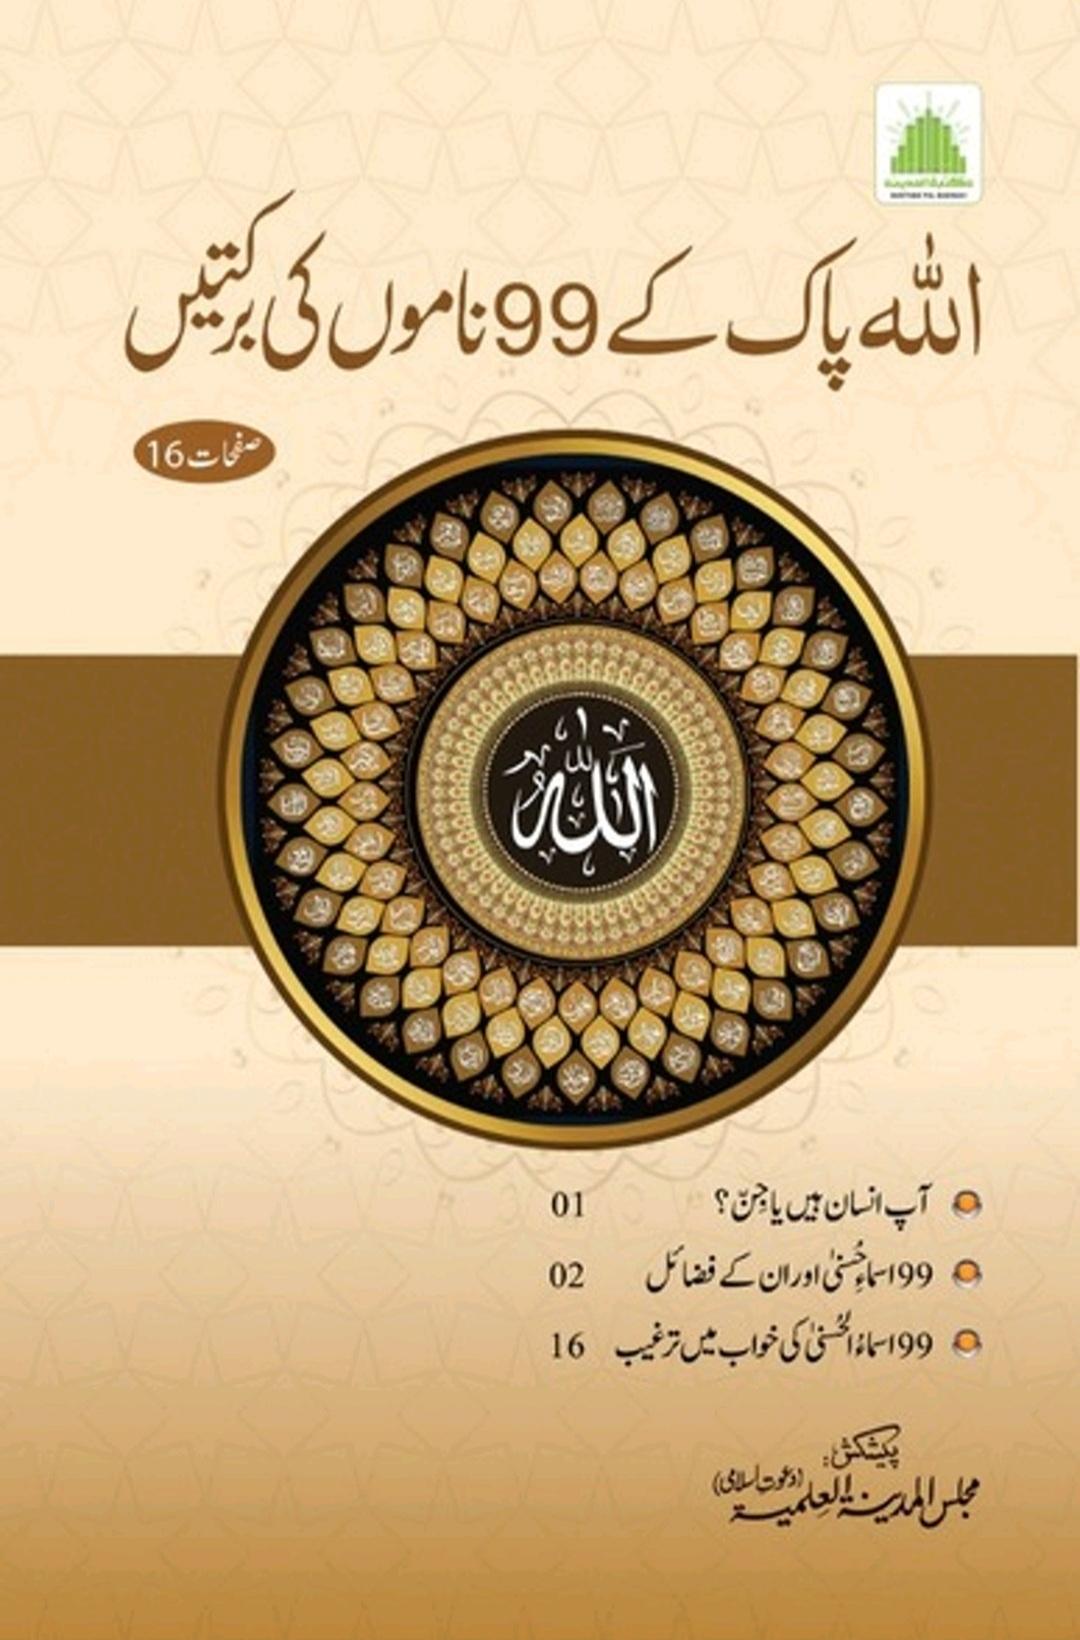 allah-pak-k-99-namon-ki-barakatein / اللہ پاک کے 99 ناموں کی برکتby المدینۃ العلمیۃ دعوت اسلامی